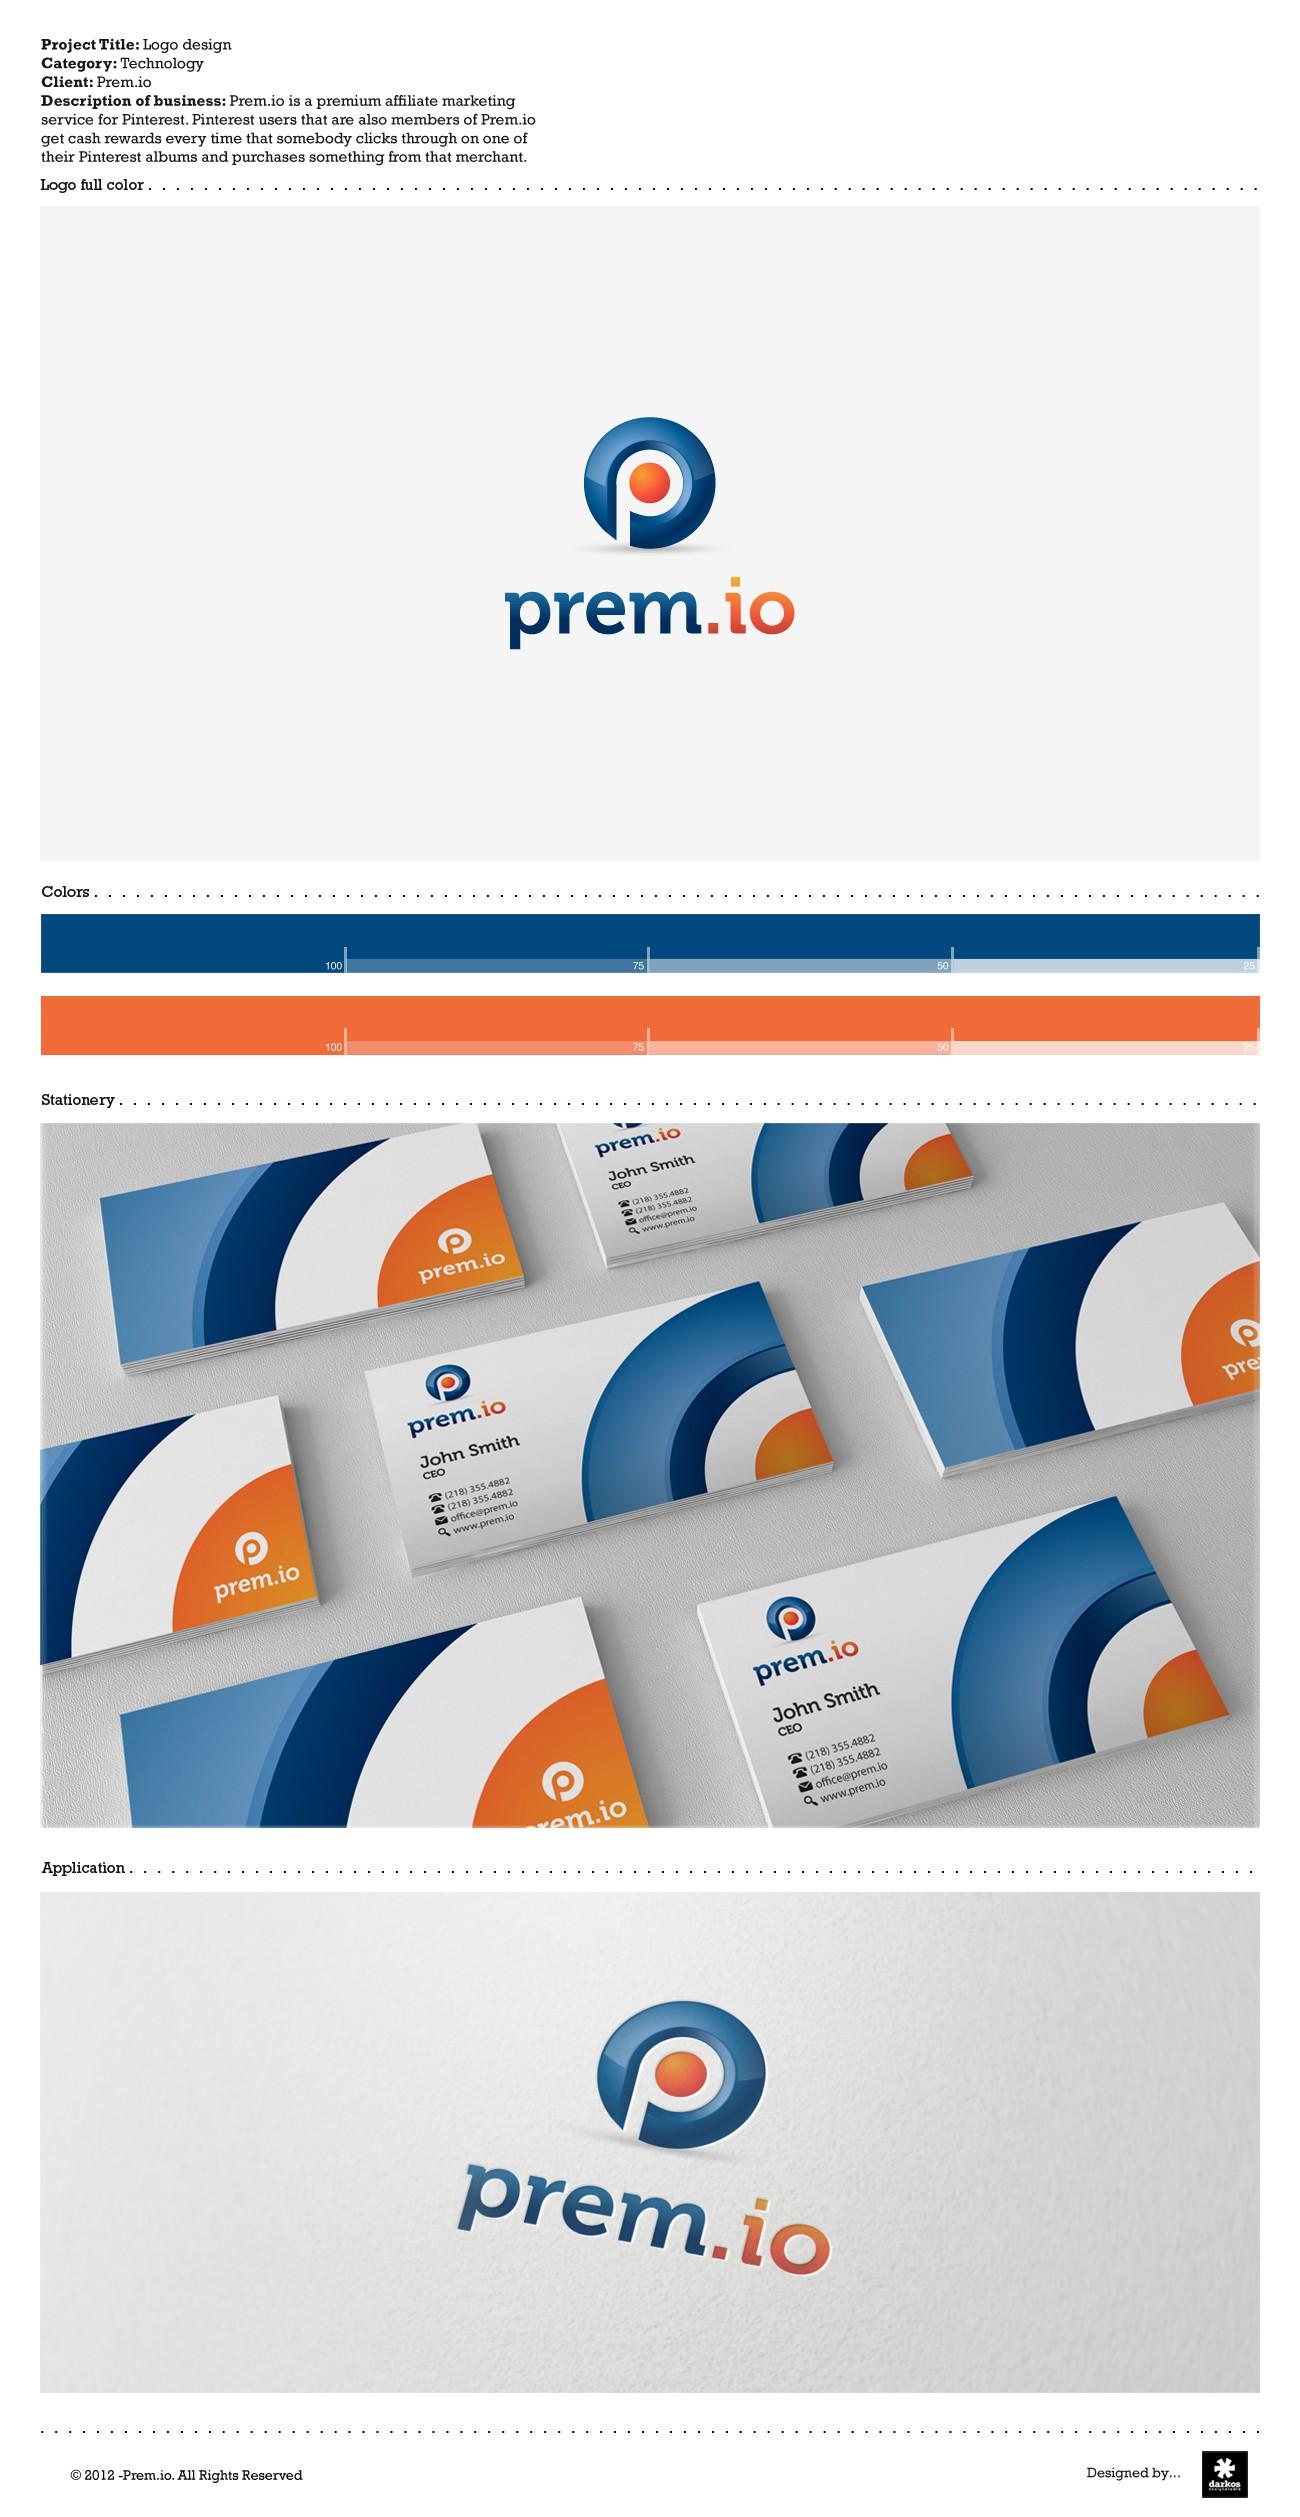 Prem.io needs a new logo